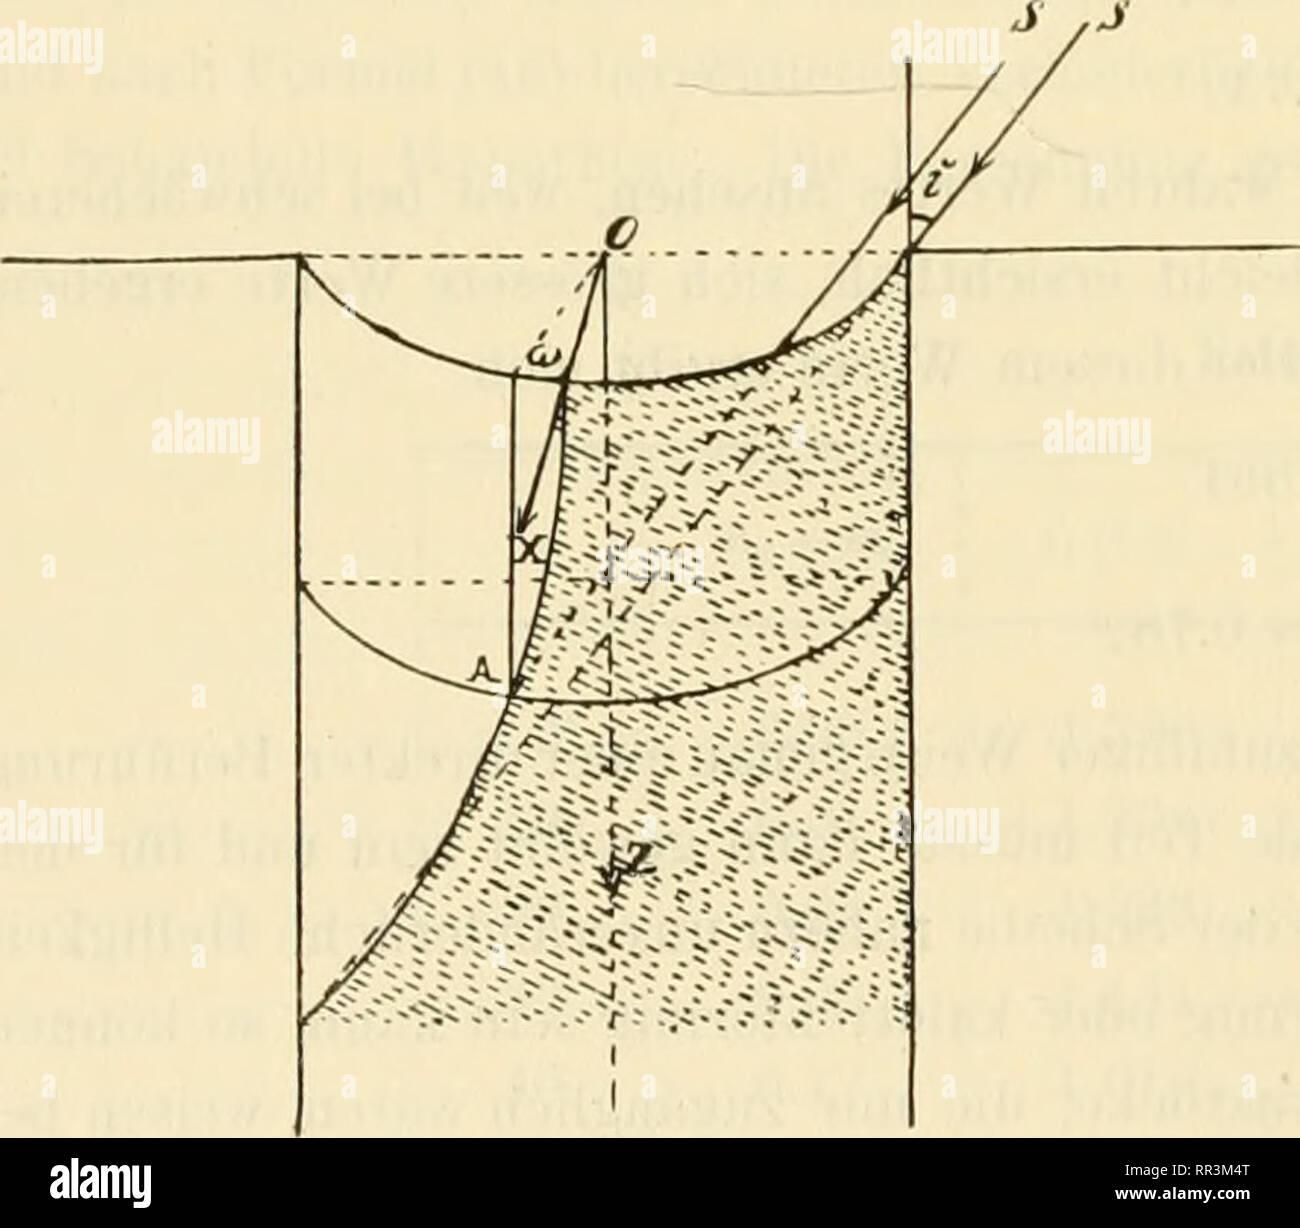 . Acta Societatis Scientiarum Fennicae. Science. 64 E. SCHOENBERG. unregelmässig aufgeworfen, Gebirgsgraten vergleichbar, und leuchtet stark bei grossen Einfalls- winkeln, wie das am Schluss abgebildete Lavastück zeigt. Wenn die zwischen den Poren liegende Fläche Rundungen aufweist, so sind bei grösseren Pliaseuwiiikeln « > 9ü am Rande der Scheibe nur diese Wölbungen sichtbar und für die grösse- ren Phasenwinkel müsste das Reflexionsgesetz hier von den Poren ganz unabhängig sein. Unsere Kurve für die Helligkeit des Mondrandes erstreckt sich bis u = 120°. Entnimmt man ihr die Helhgkeiten iia - Stock Image